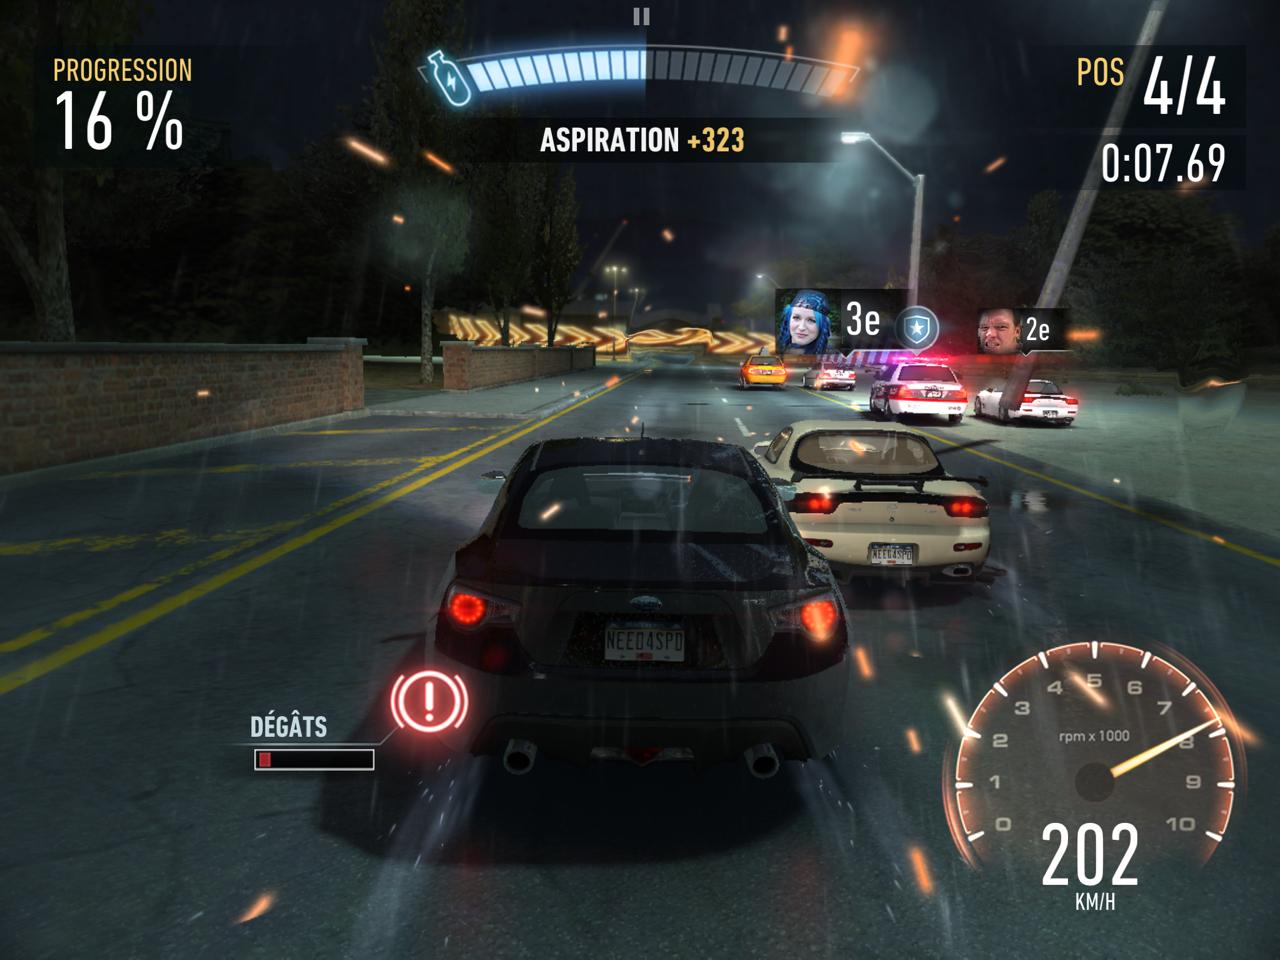 6 Jeux De Course Gratuits Pour Iphone, Ipad, Android Et tout Jeux De Voiture Avec La Police